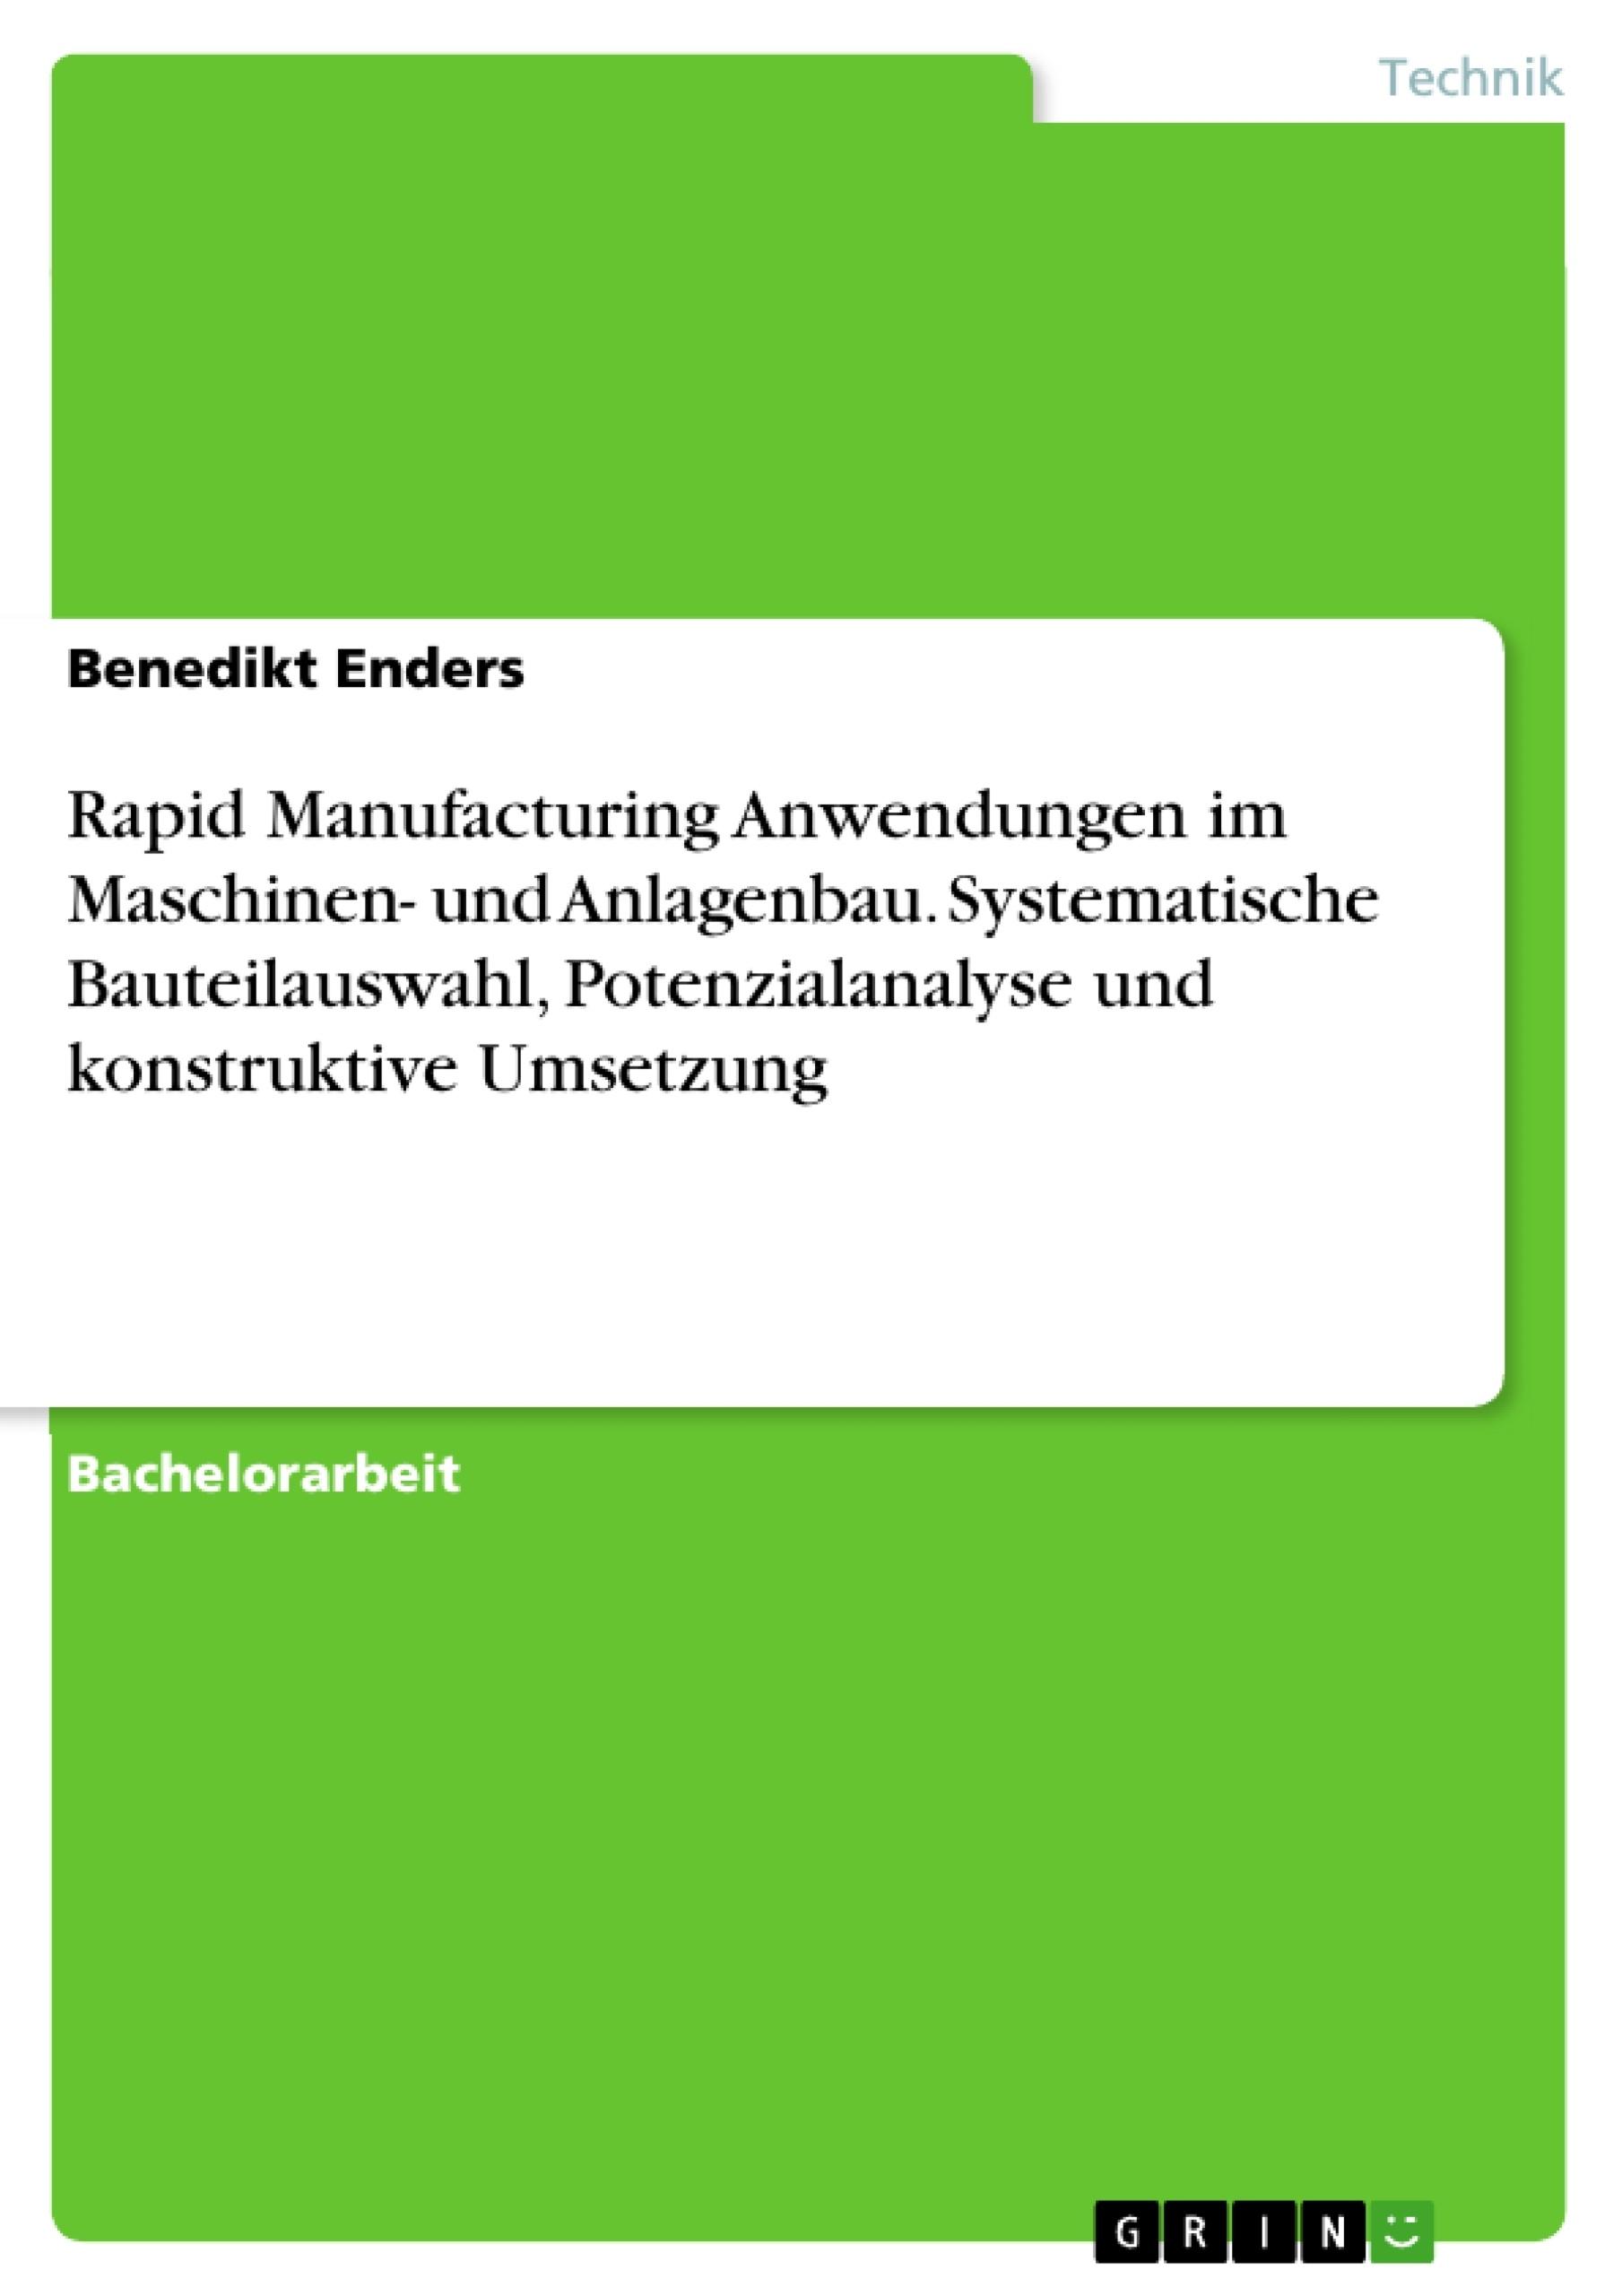 Titel: Rapid Manufacturing Anwendungen im Maschinen- und Anlagenbau. Systematische Bauteilauswahl, Potenzialanalyse und konstruktive Umsetzung